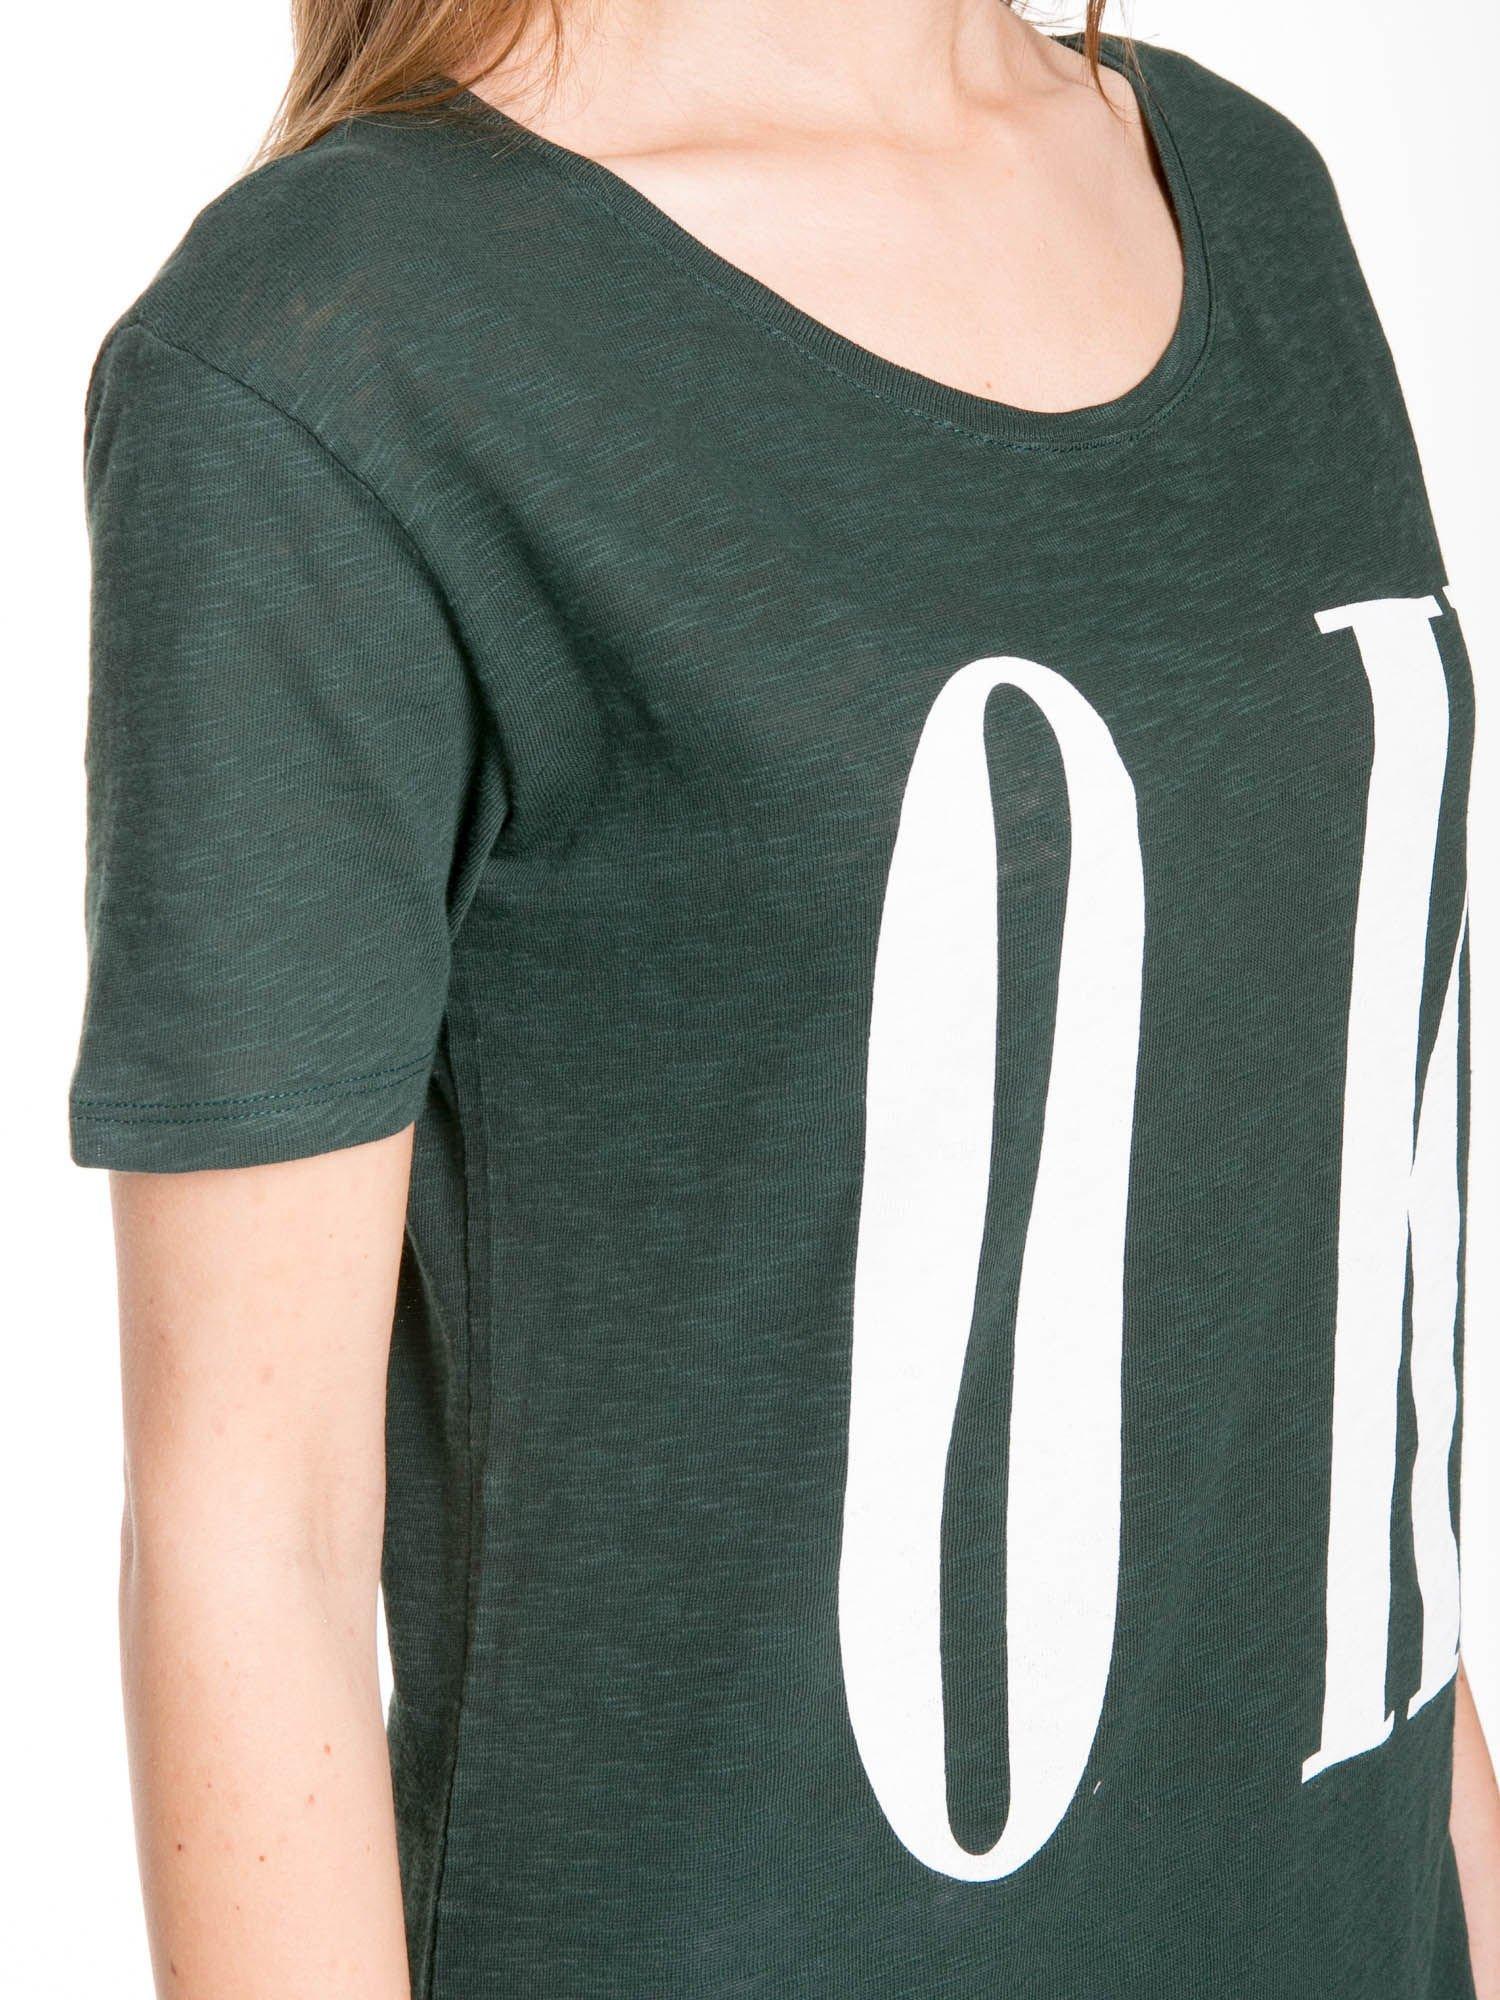 Ciemnozielony t-shirt z napisem OK                                  zdj.                                  8